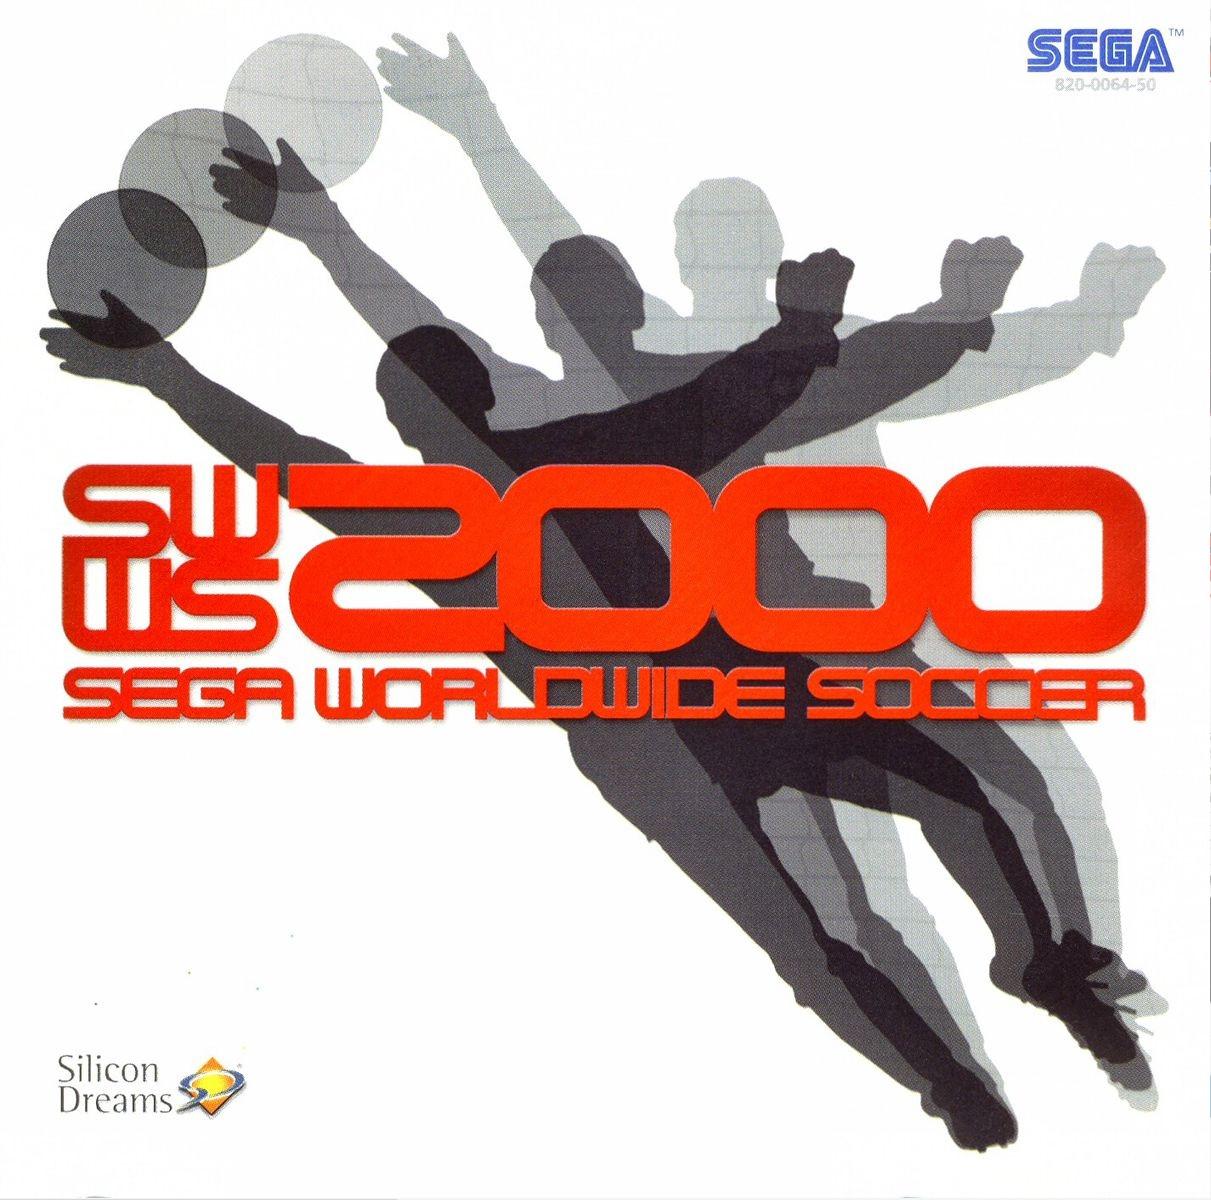 Image of Sega Worldwide Soccer 2000